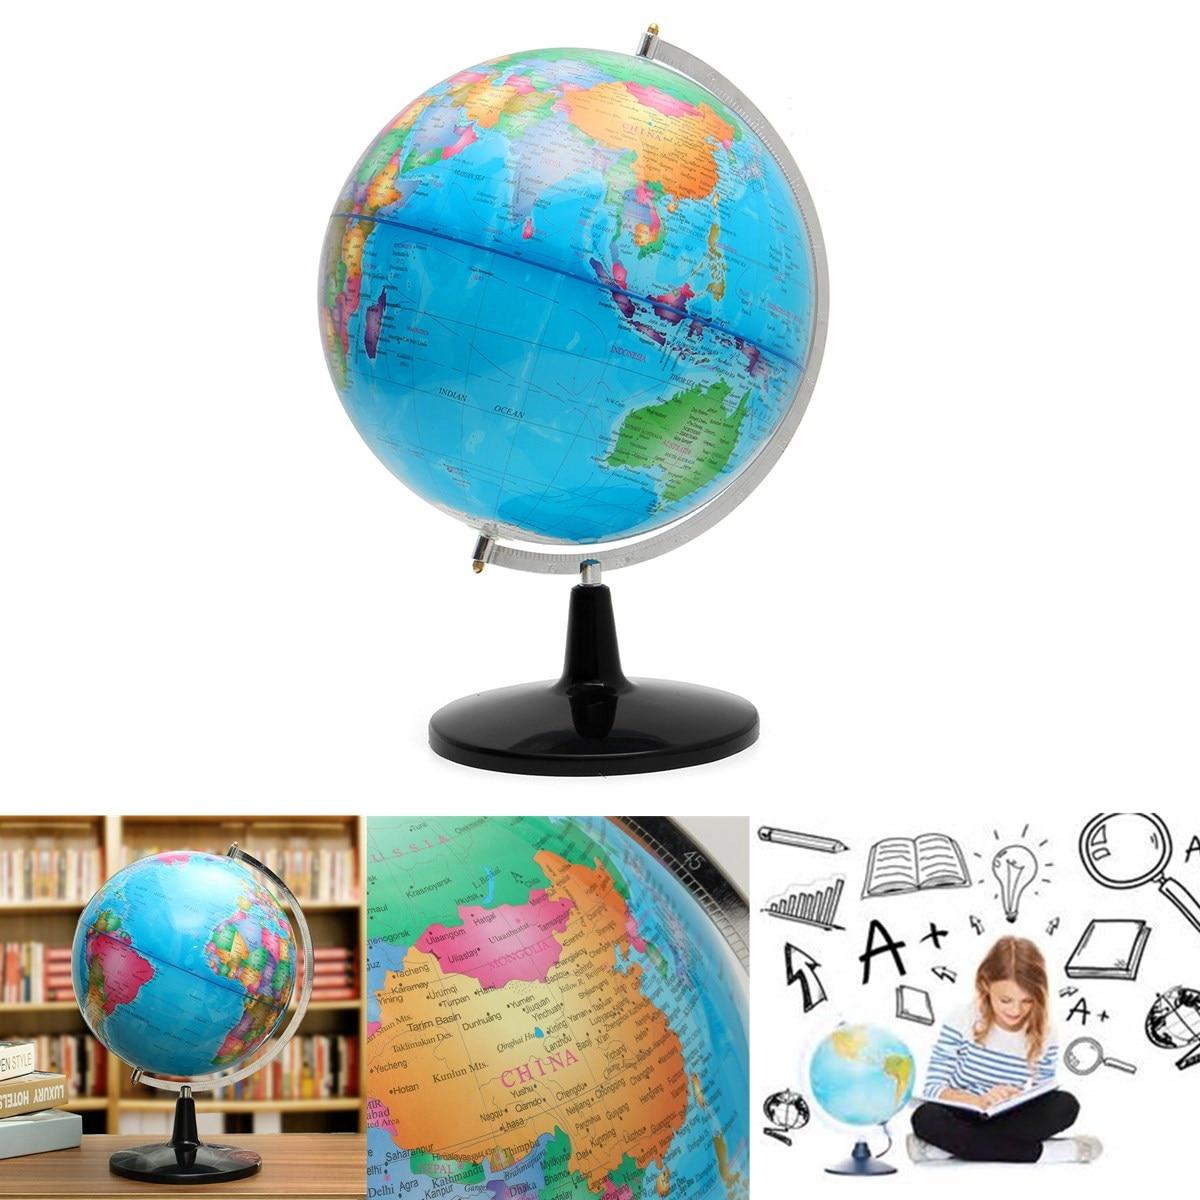 Terrestre Terre Globe Carte Du Monde Globe Géographie Jouet Éducatif Maison De Mode Bureau Aide Miniatures Décoration Cadeau Pour Les Enfants